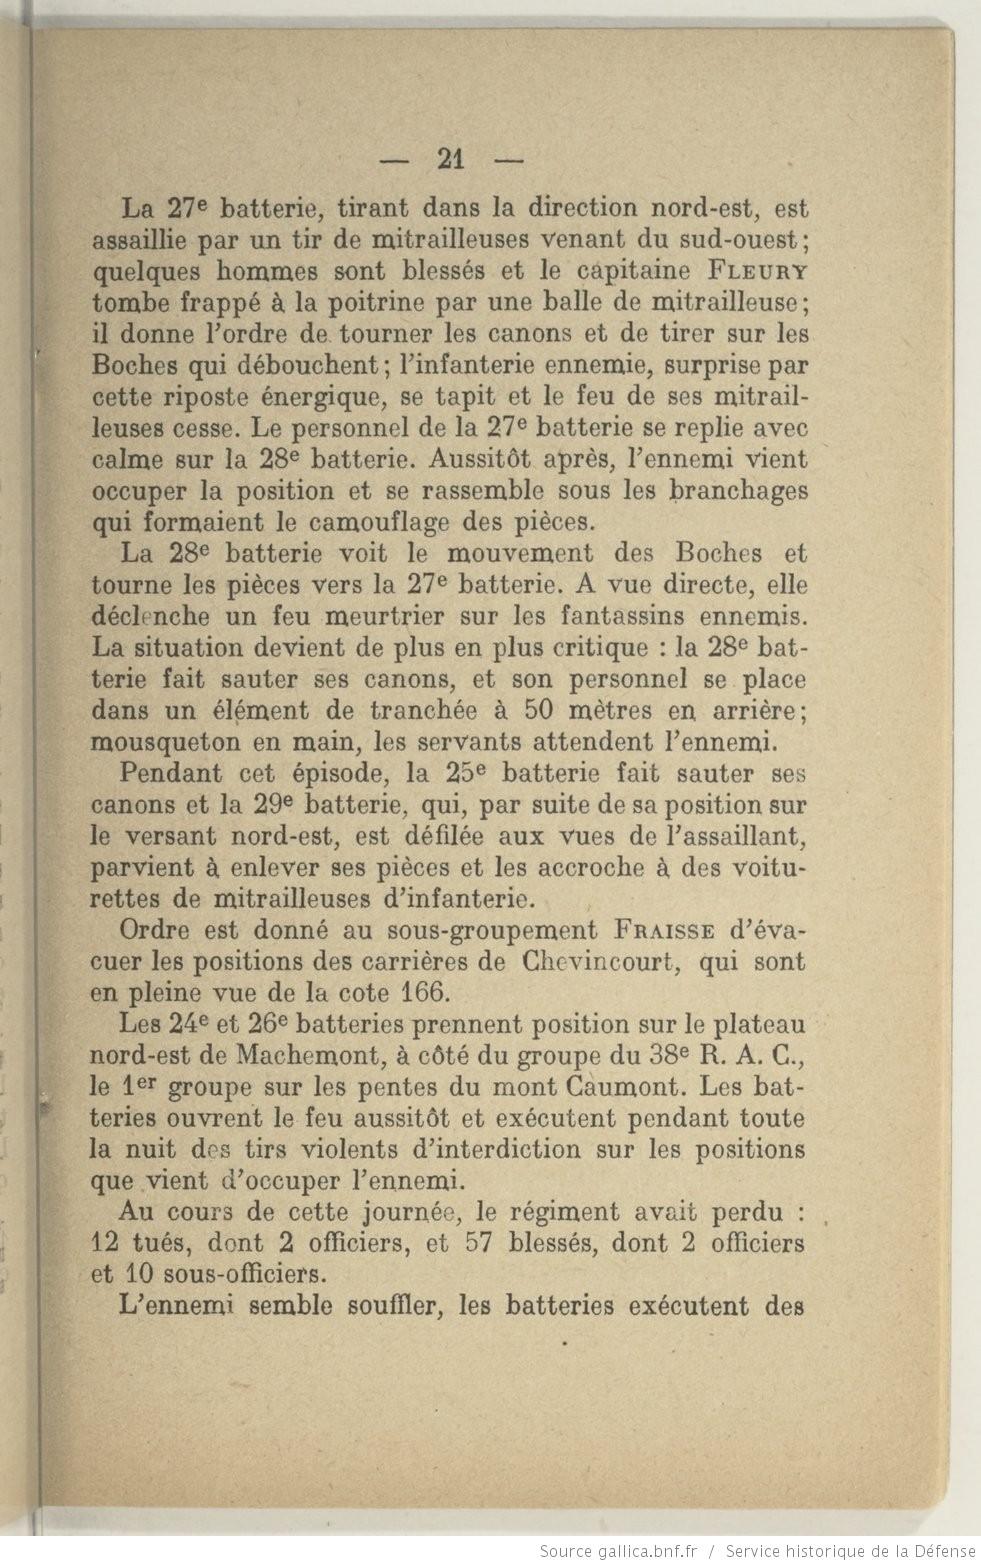 Historique du 243e regiment d artillerie bpt6k6227229k 5